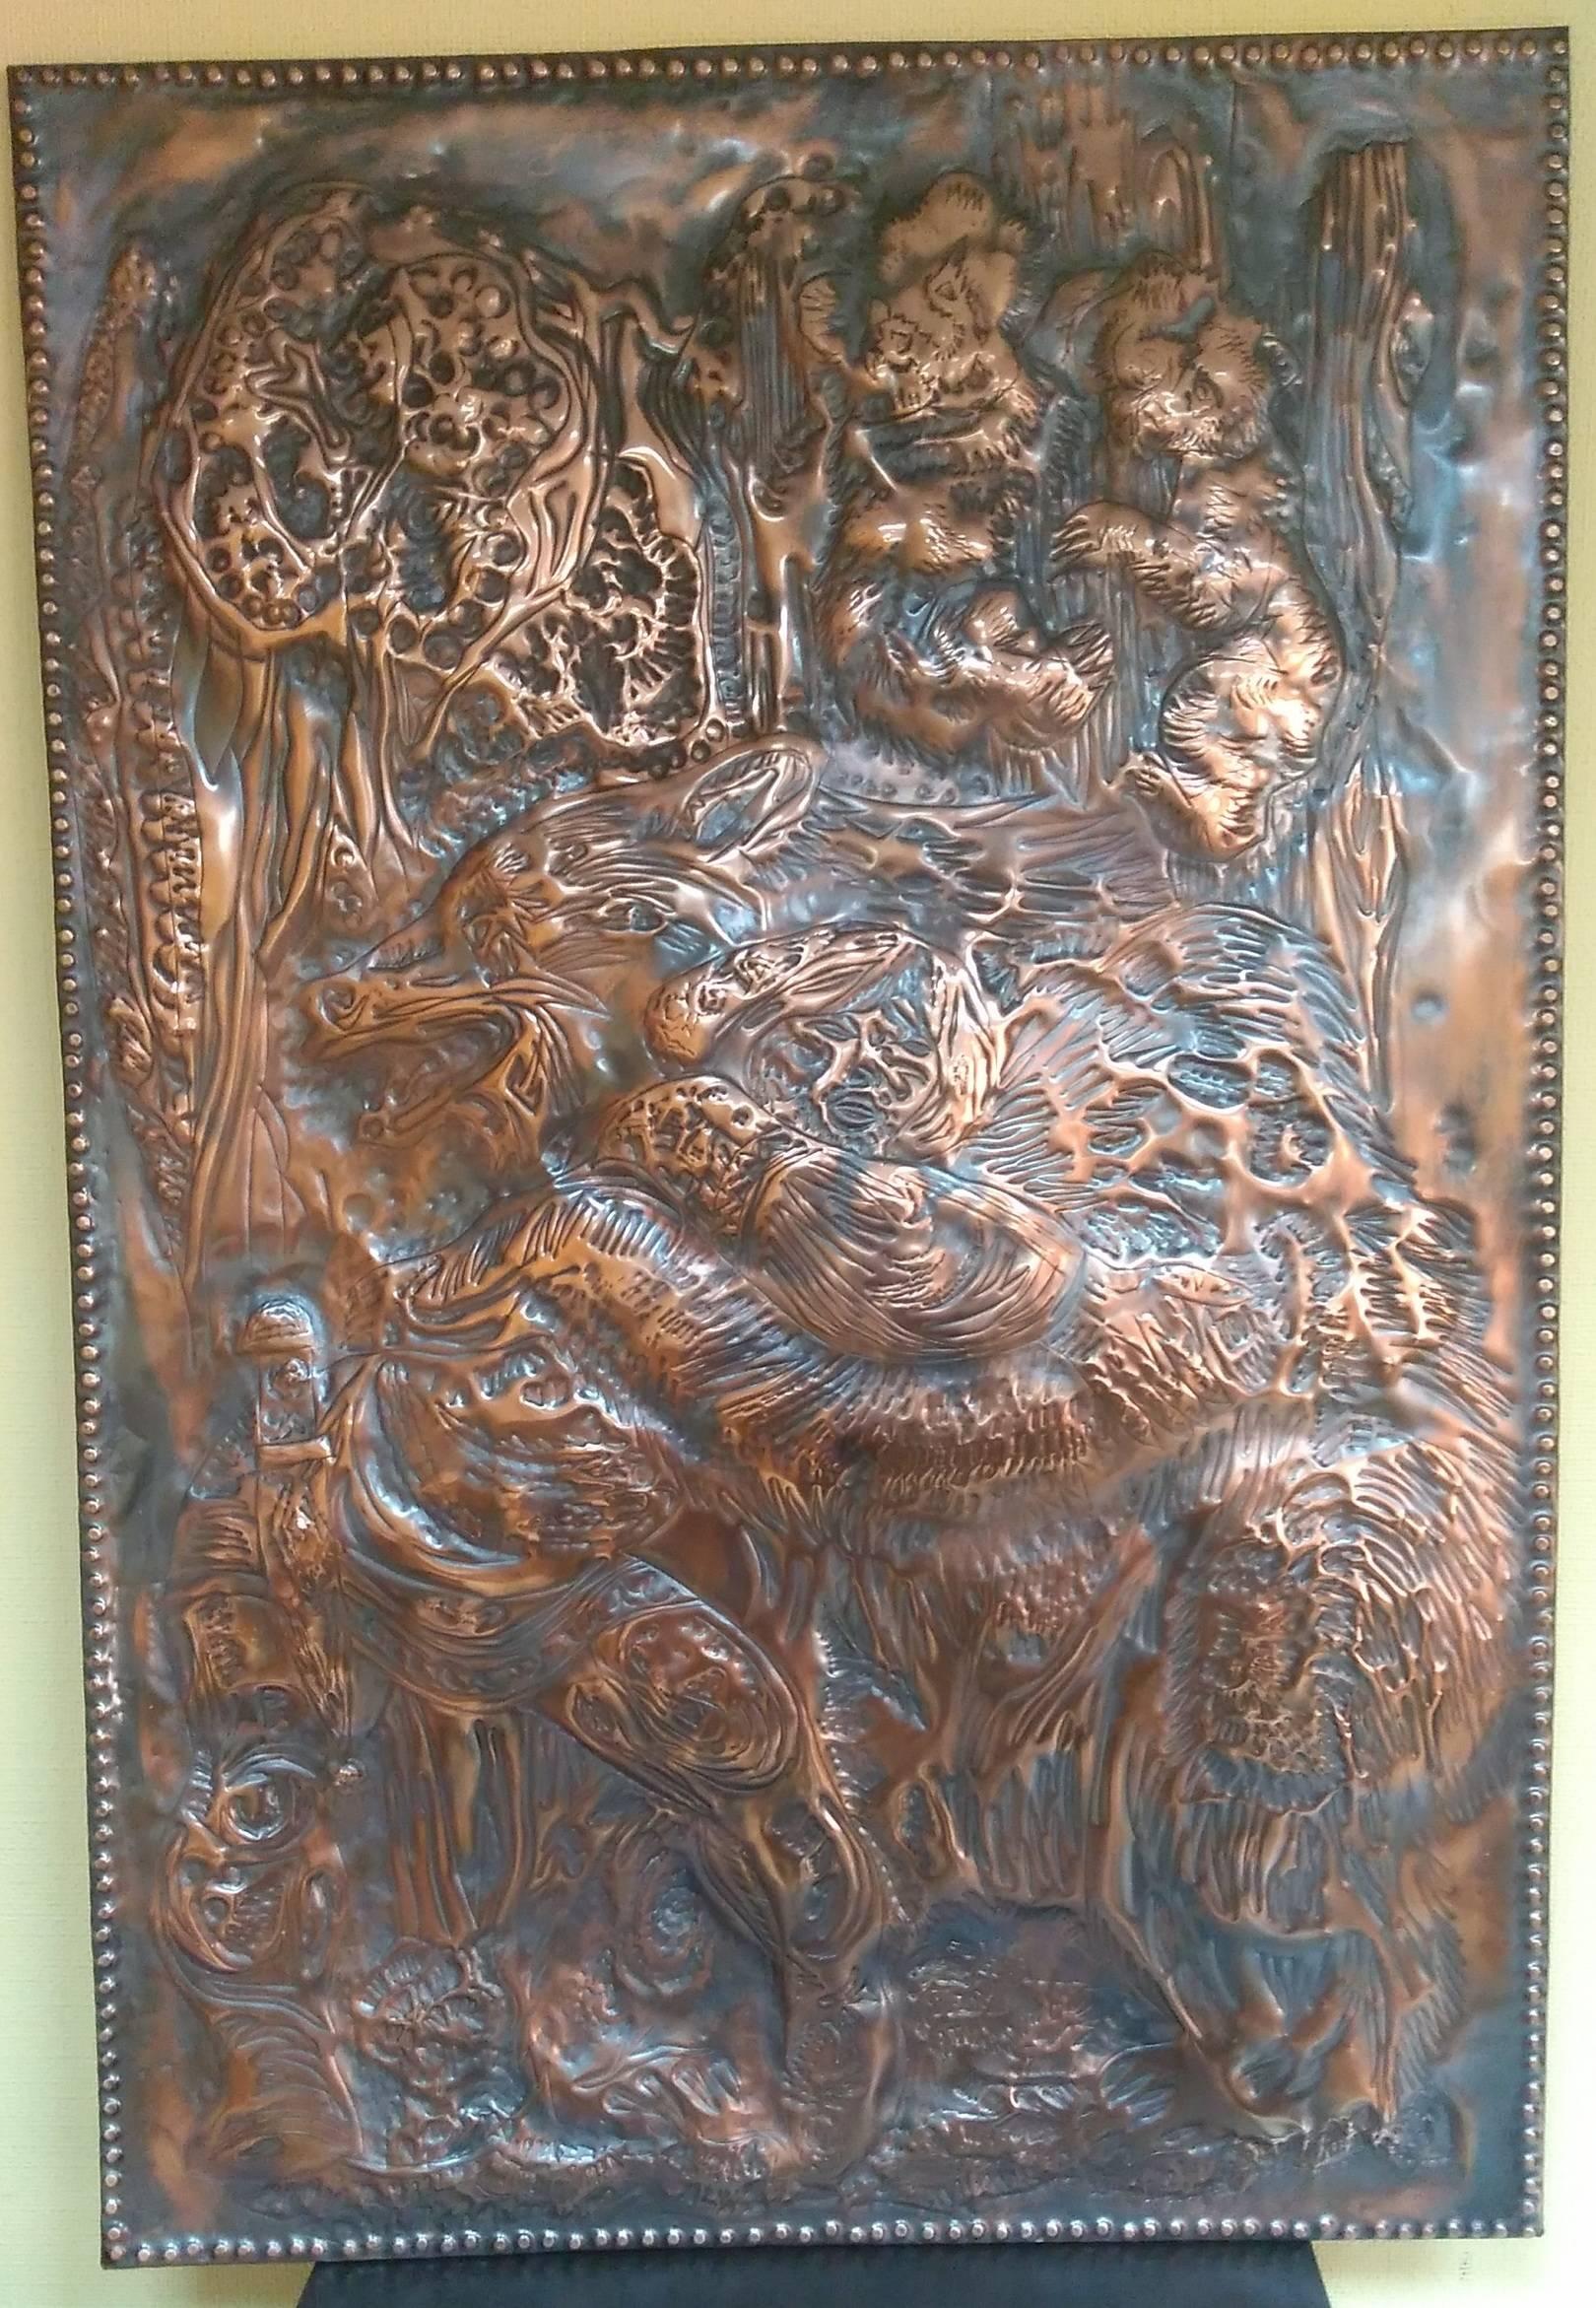 """"""" Хозяин тайги """" Ироничная сцена схватки,борьбы между медведем и мужиком.Испуганные медвежата,таращатся с дерева на происходящее .Медь.Металлопластика,чеканка.патина. 570 х 840 Иркутск +7 9025161166"""